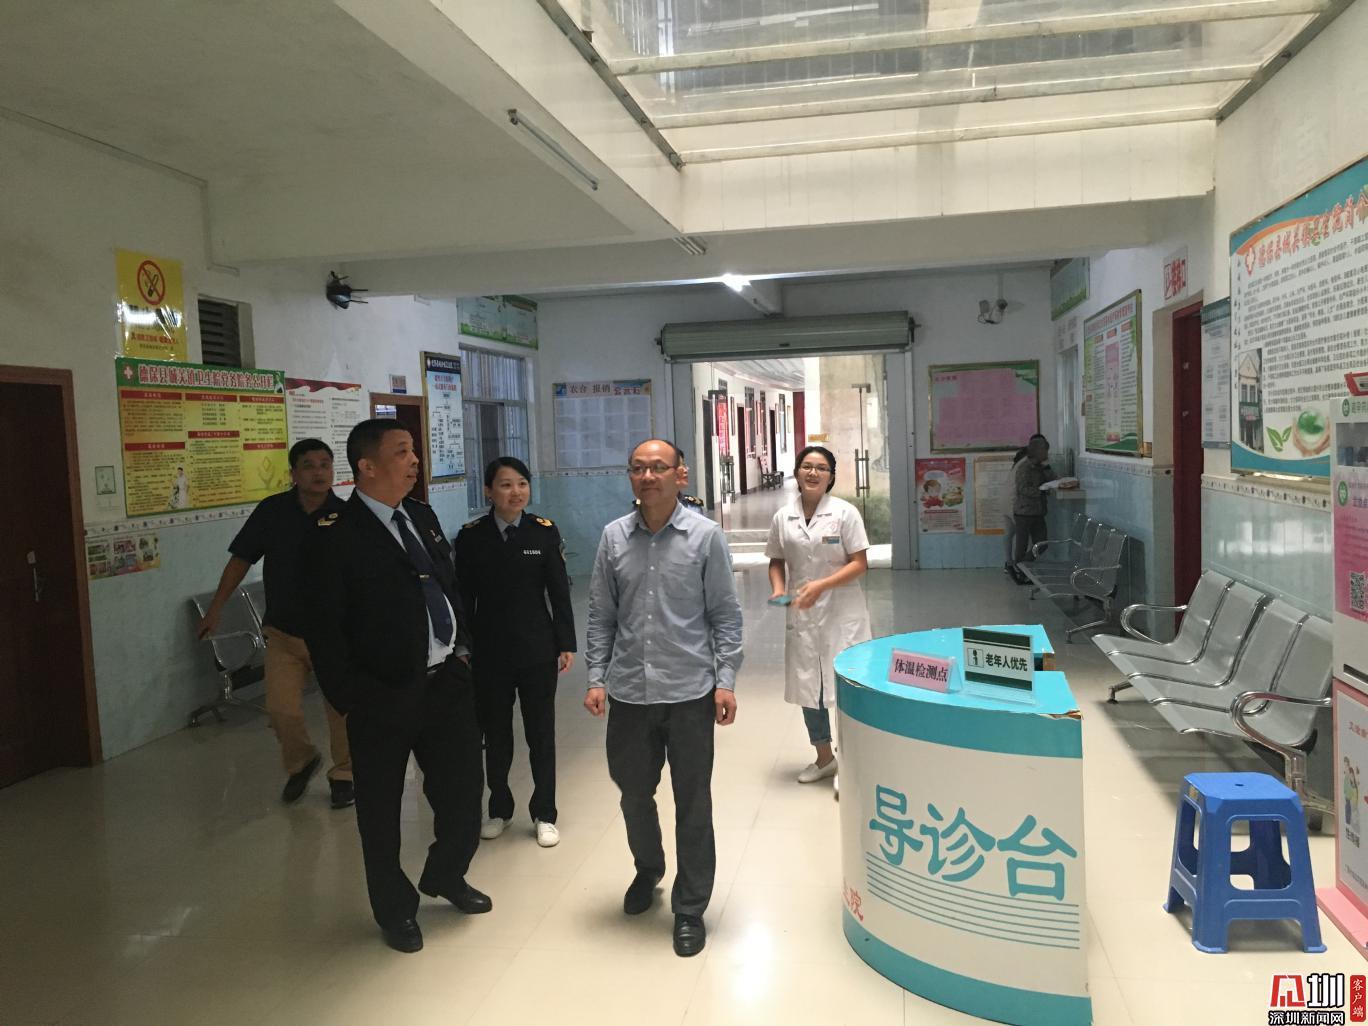 南山区卫生监督所远赴广西德保县、田阳县开